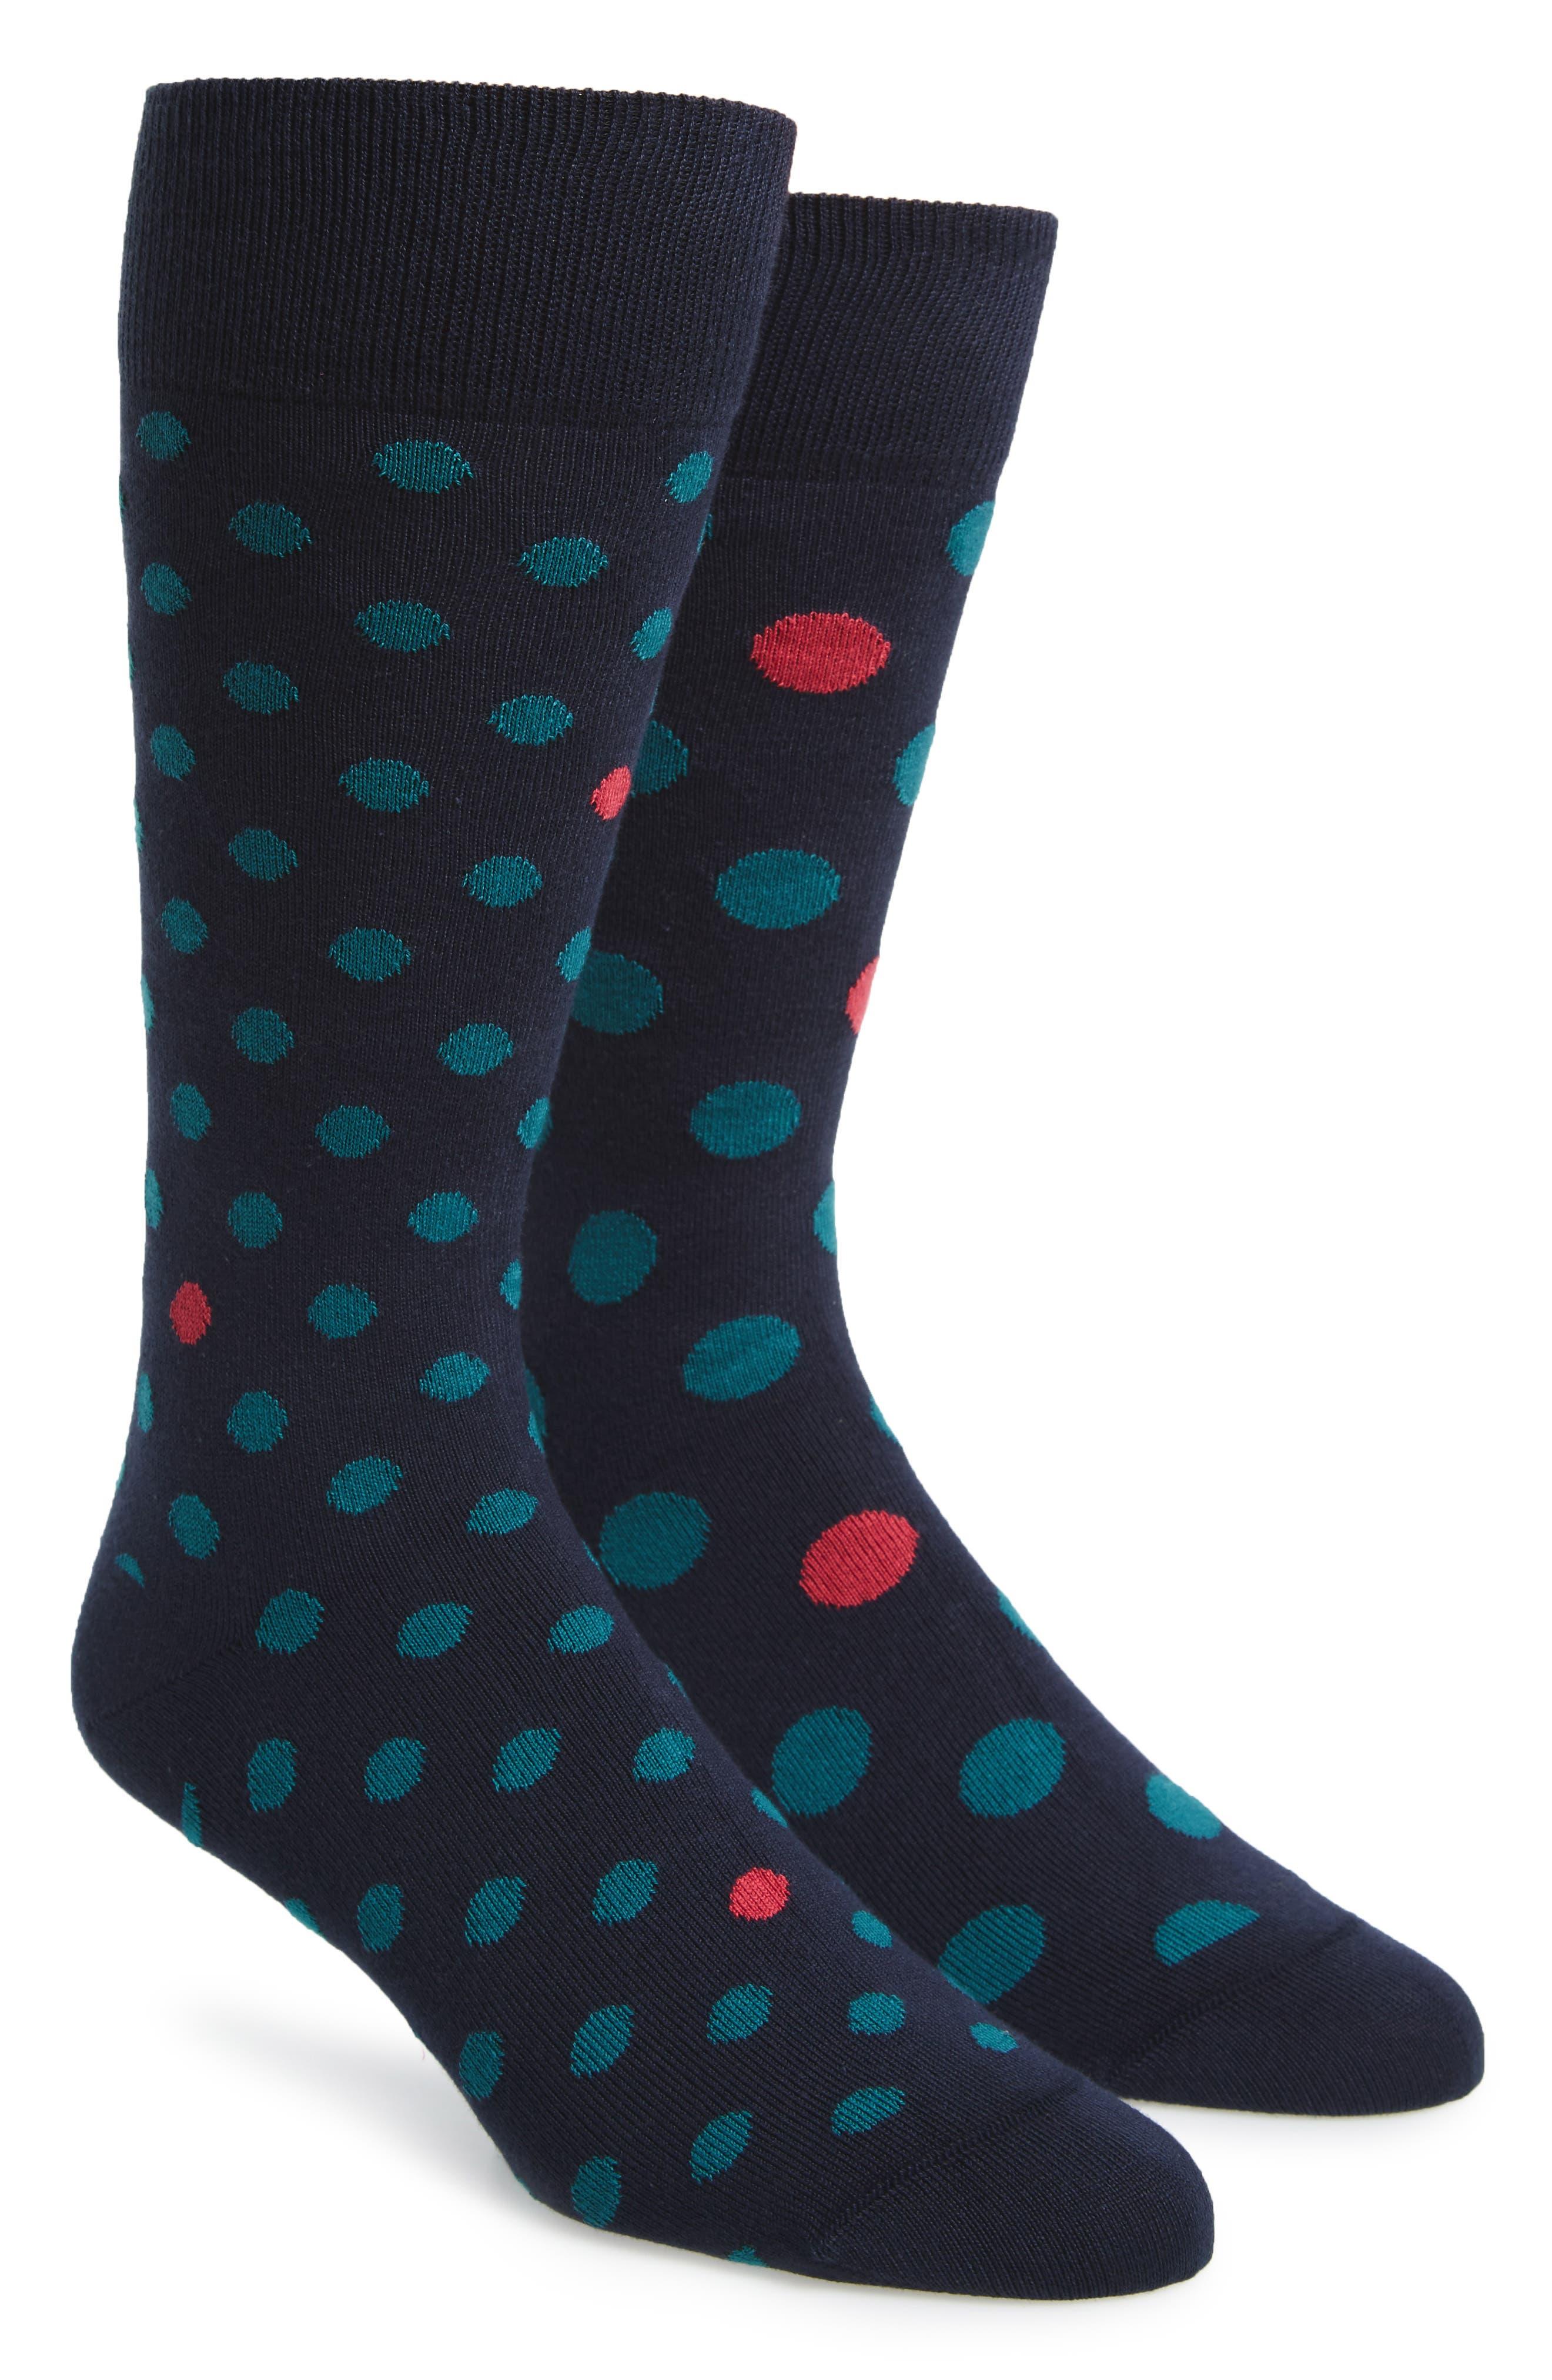 Odd Polka Dot Socks,                             Main thumbnail 1, color,                             Blue/ Pink